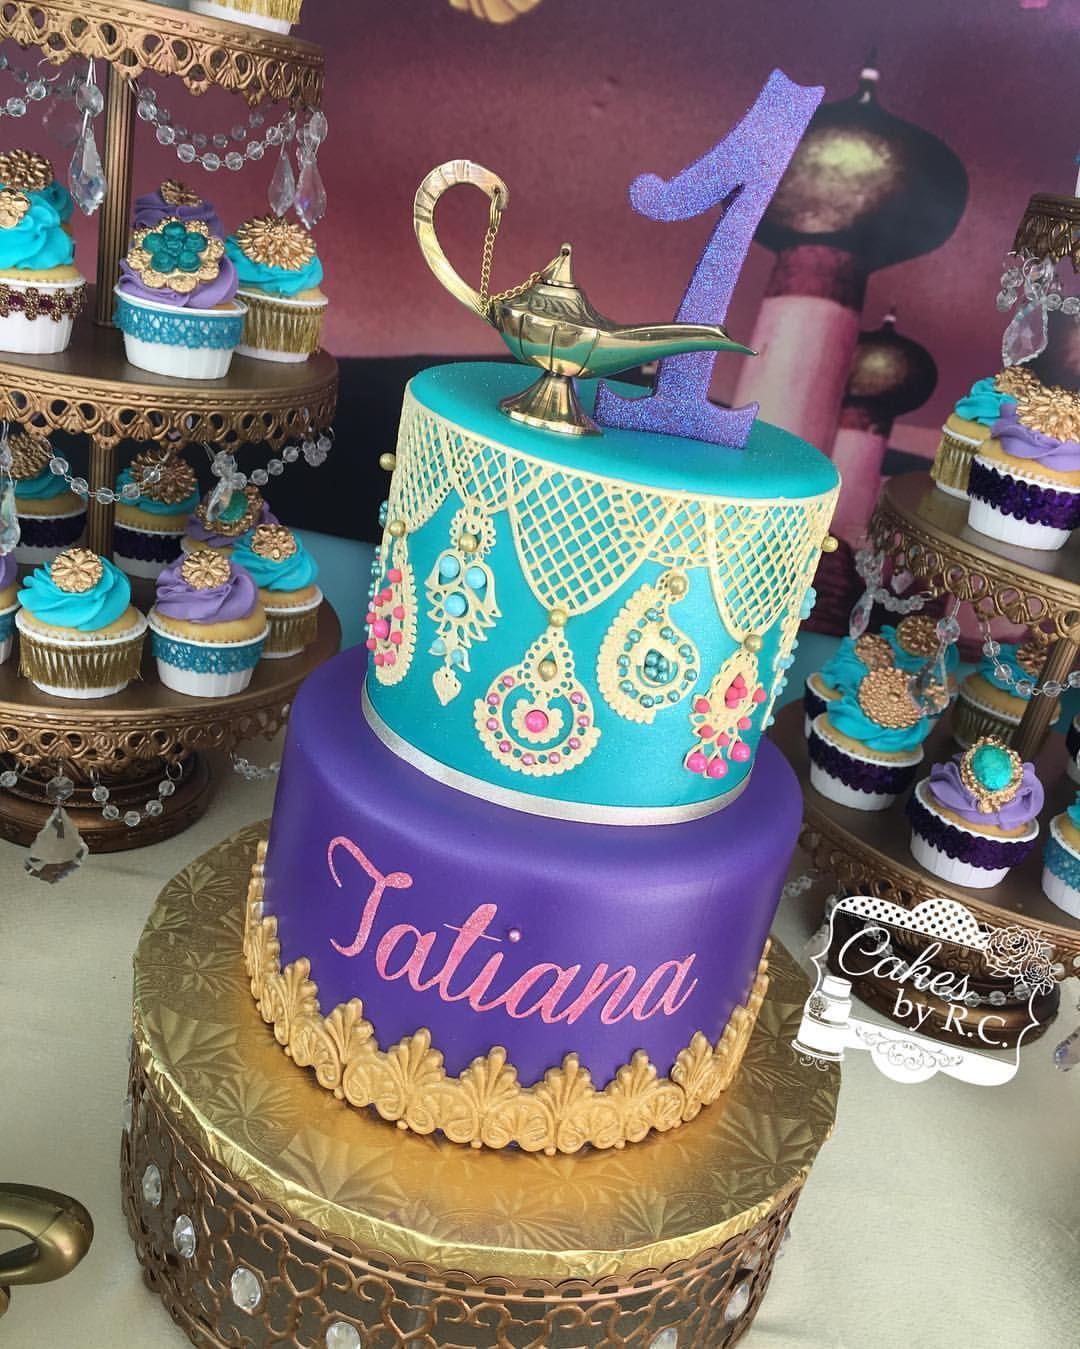 Princess Jasmine Birthday Party With Images Princess Jasmine